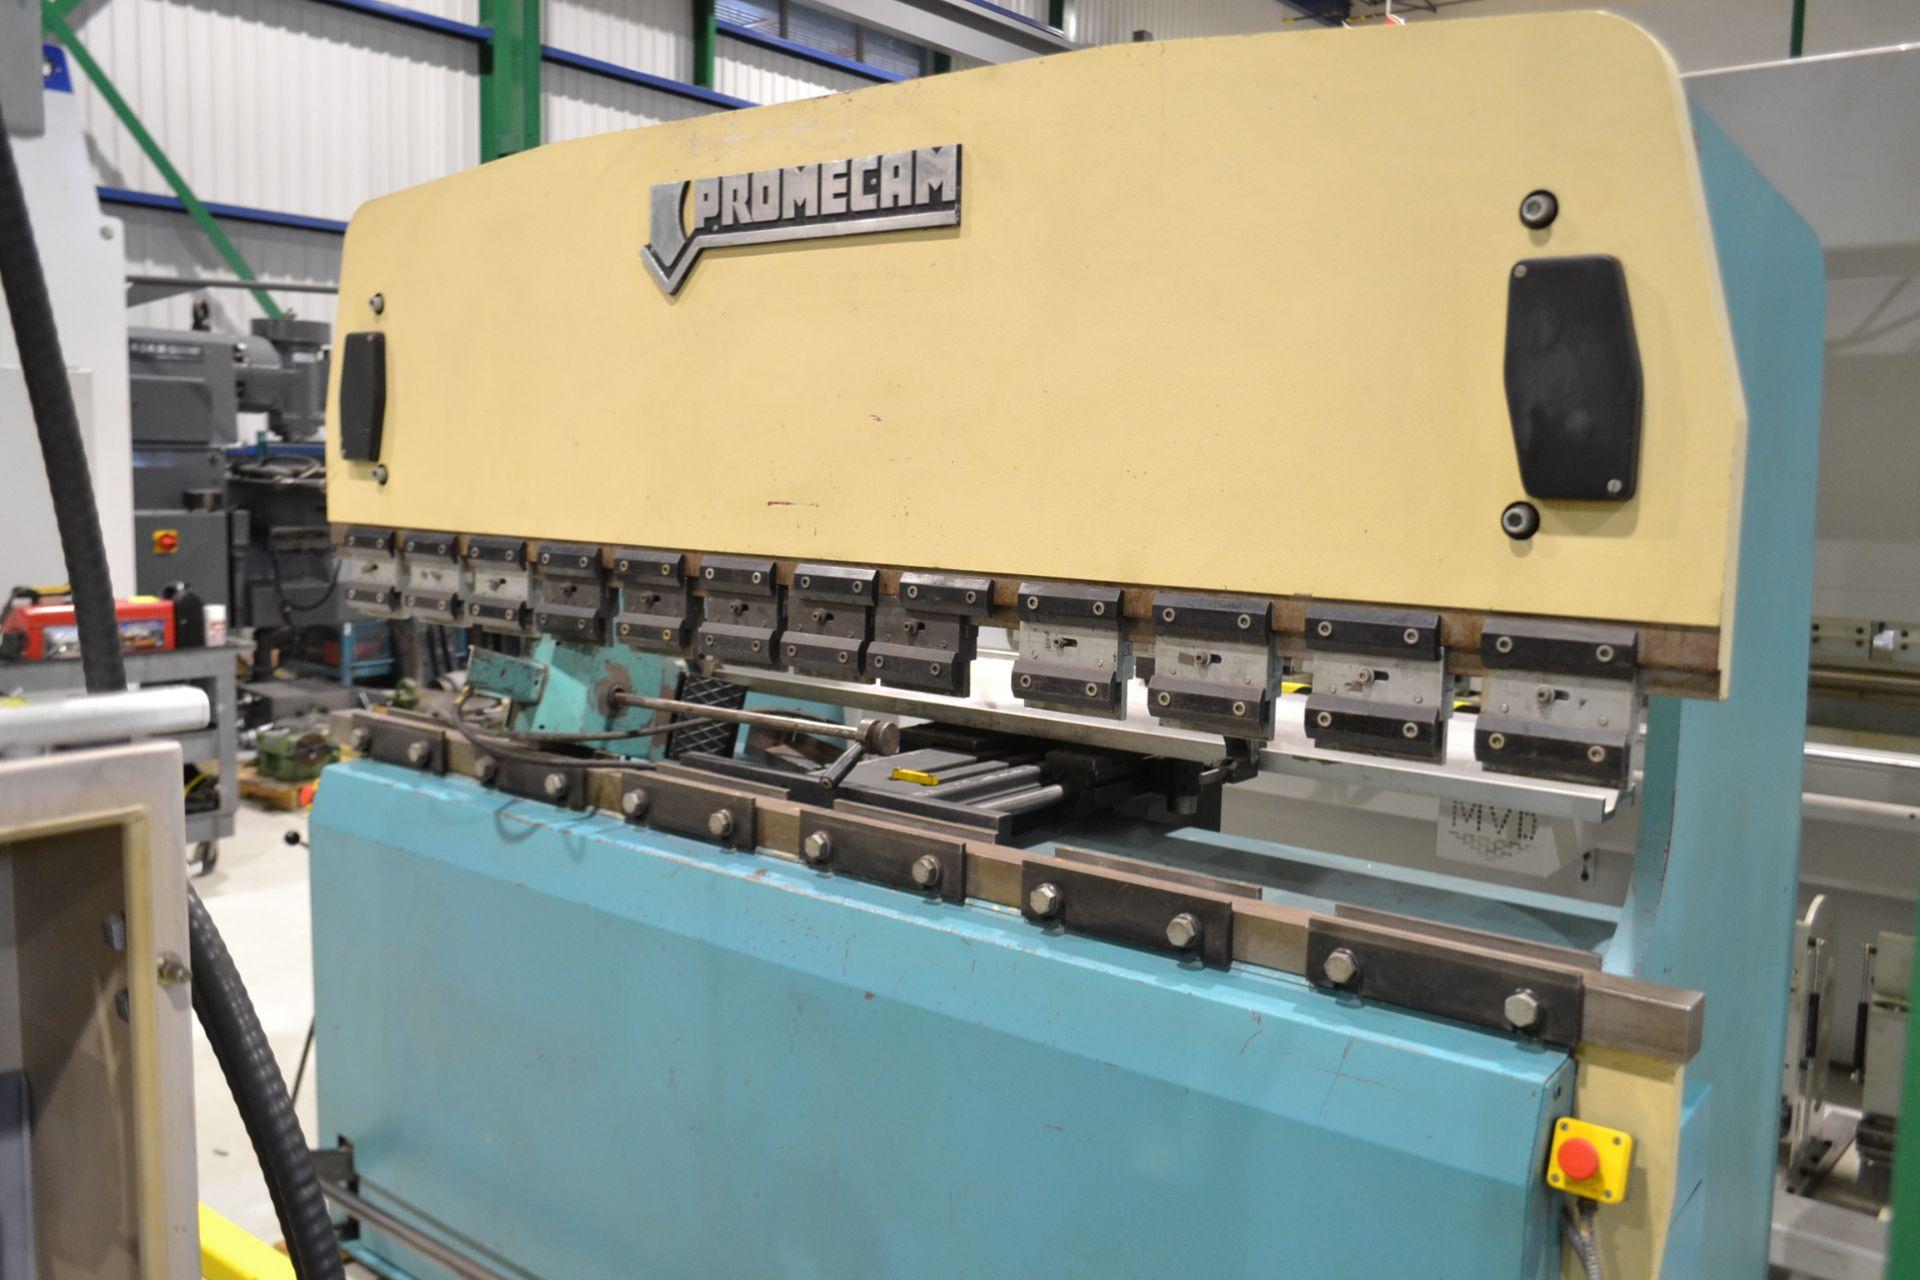 Lot 5 - PROMECAM PRESS BRAKE (CNC), MODE IT2-80-25, S/N IT208025304, 8' X 25 TON